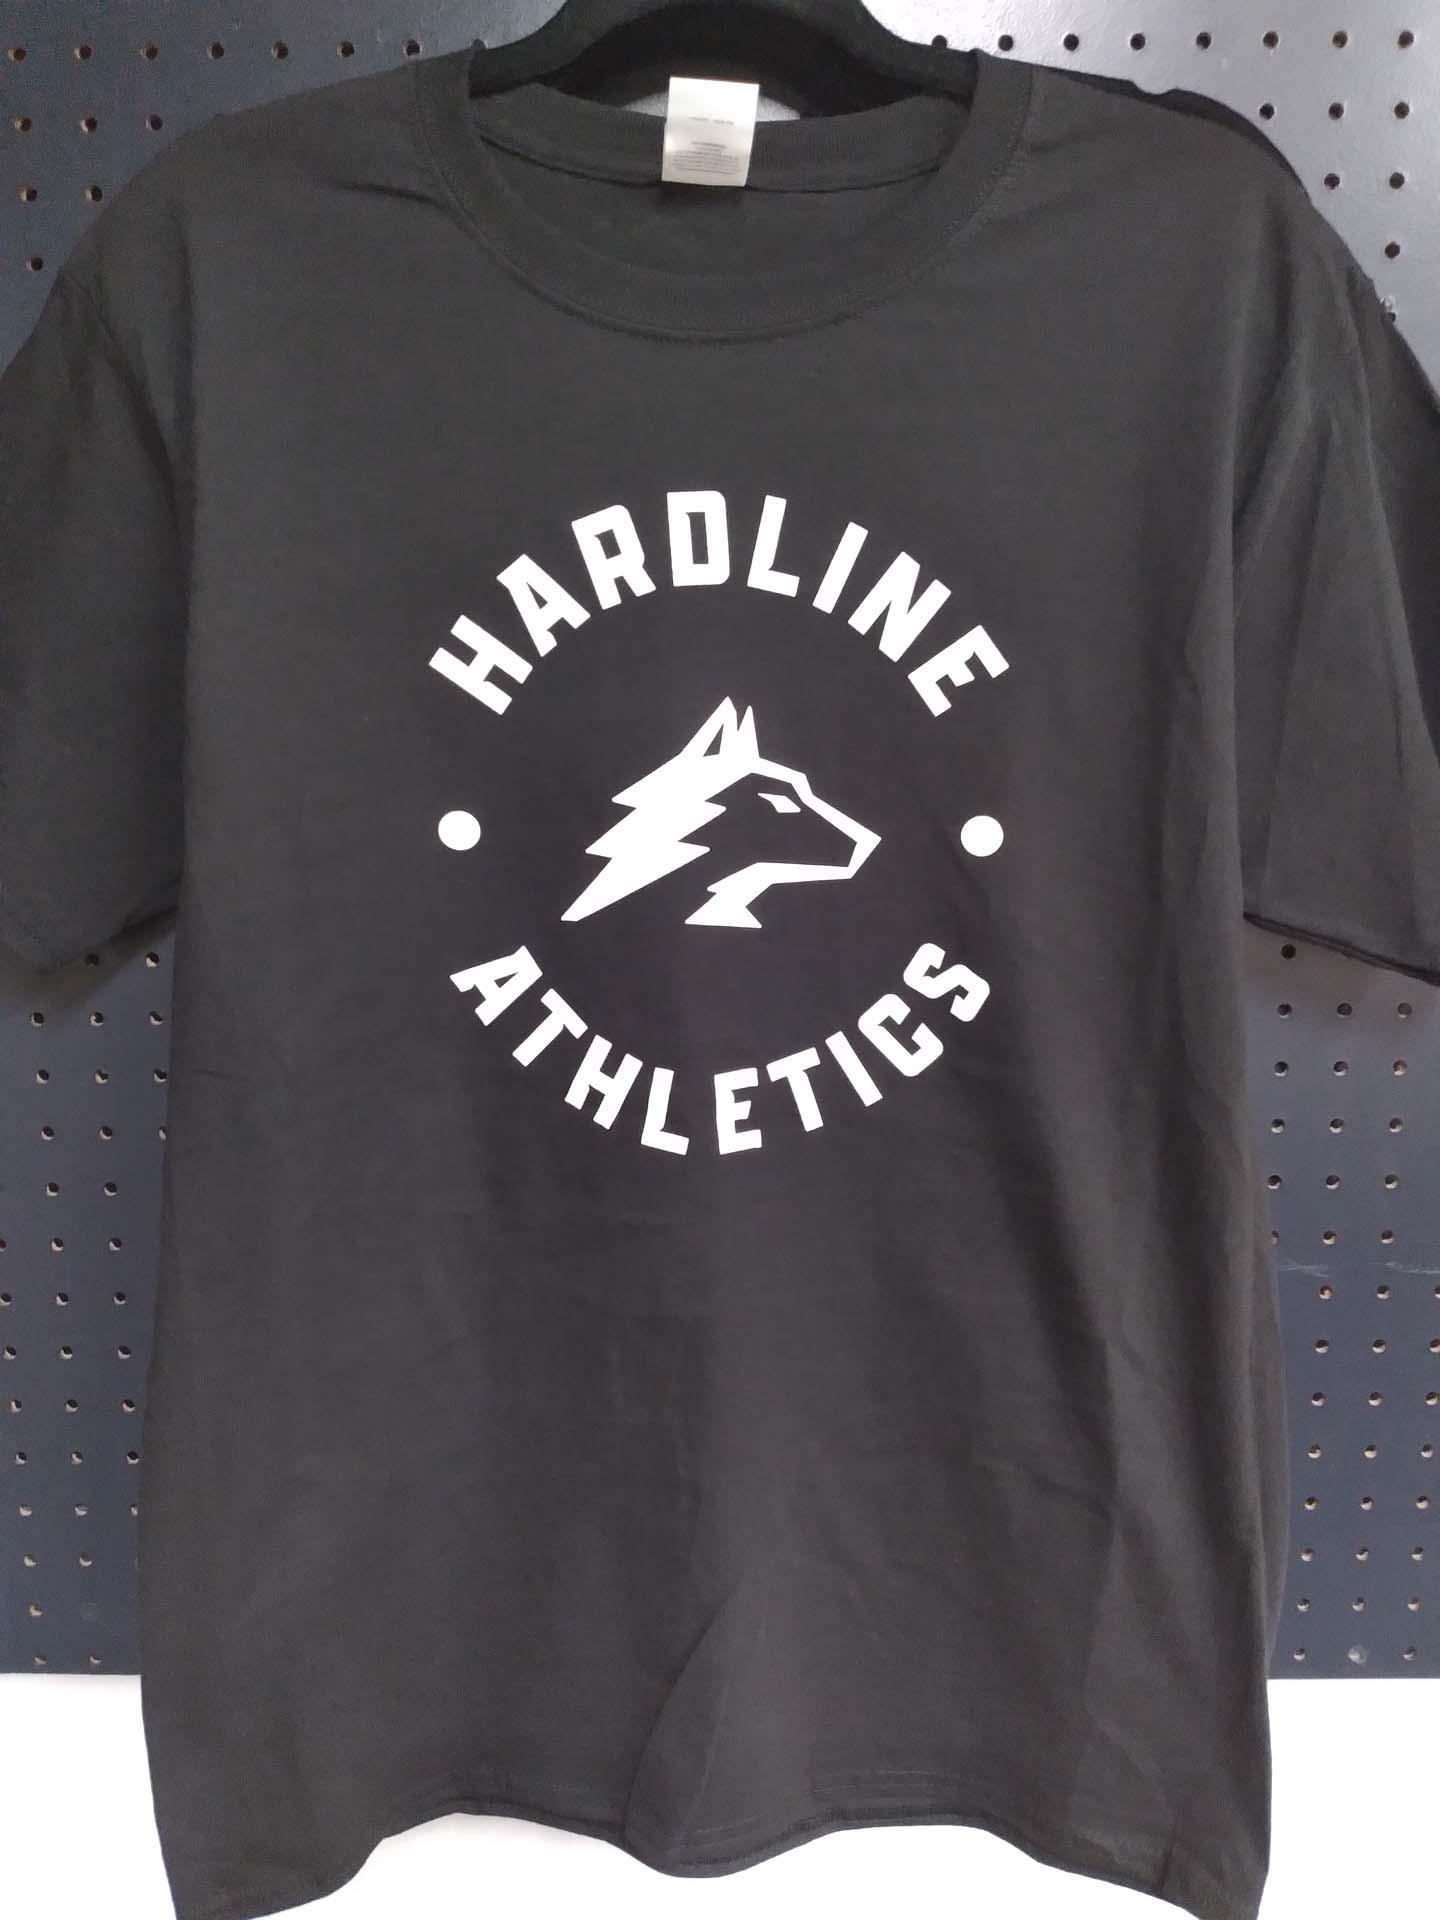 HardLine Athletics